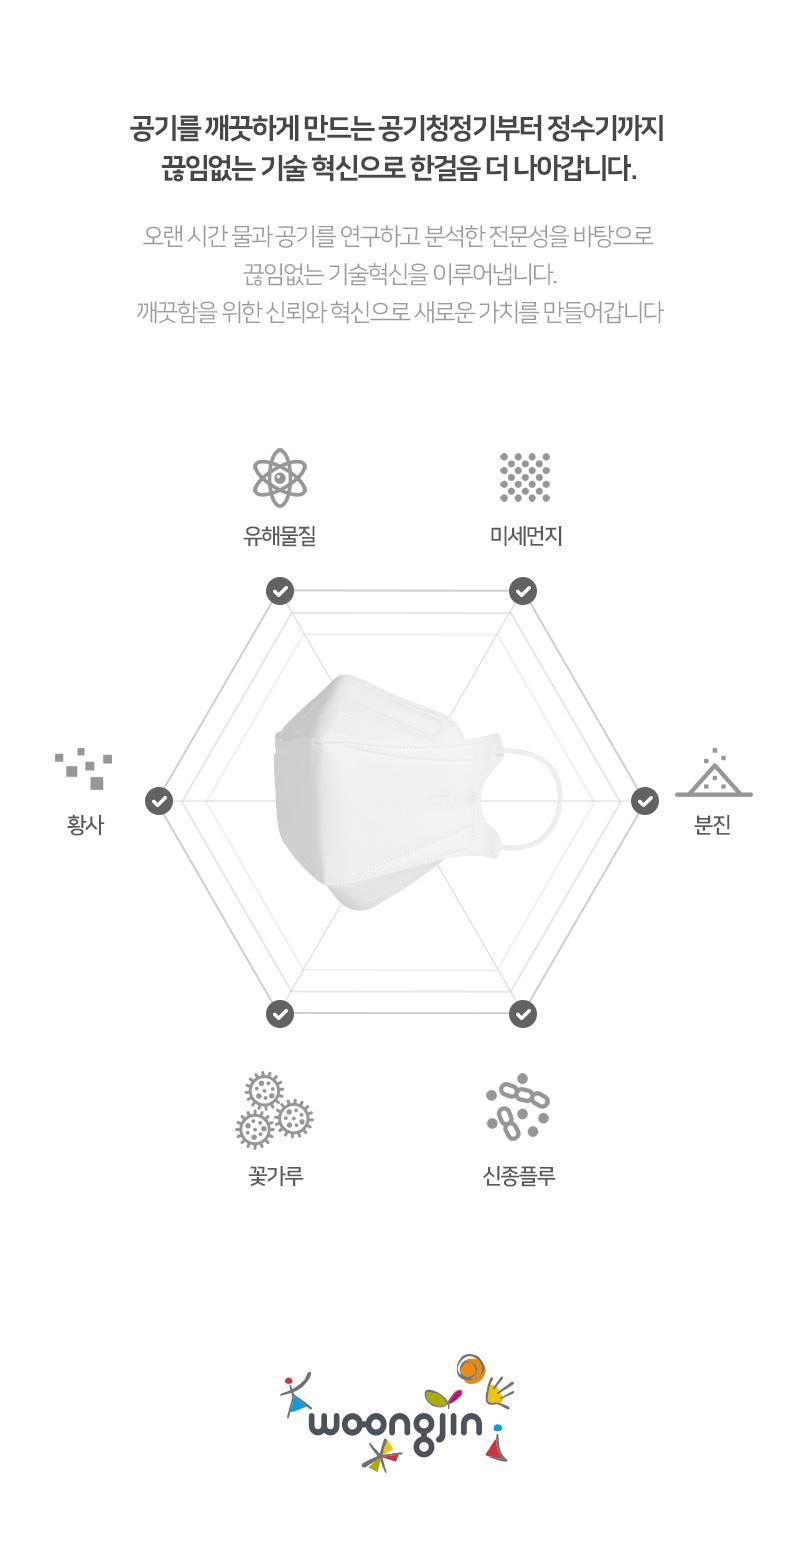 KF94 미세먼지 황사 차단 일회용 웅진 마스크 8